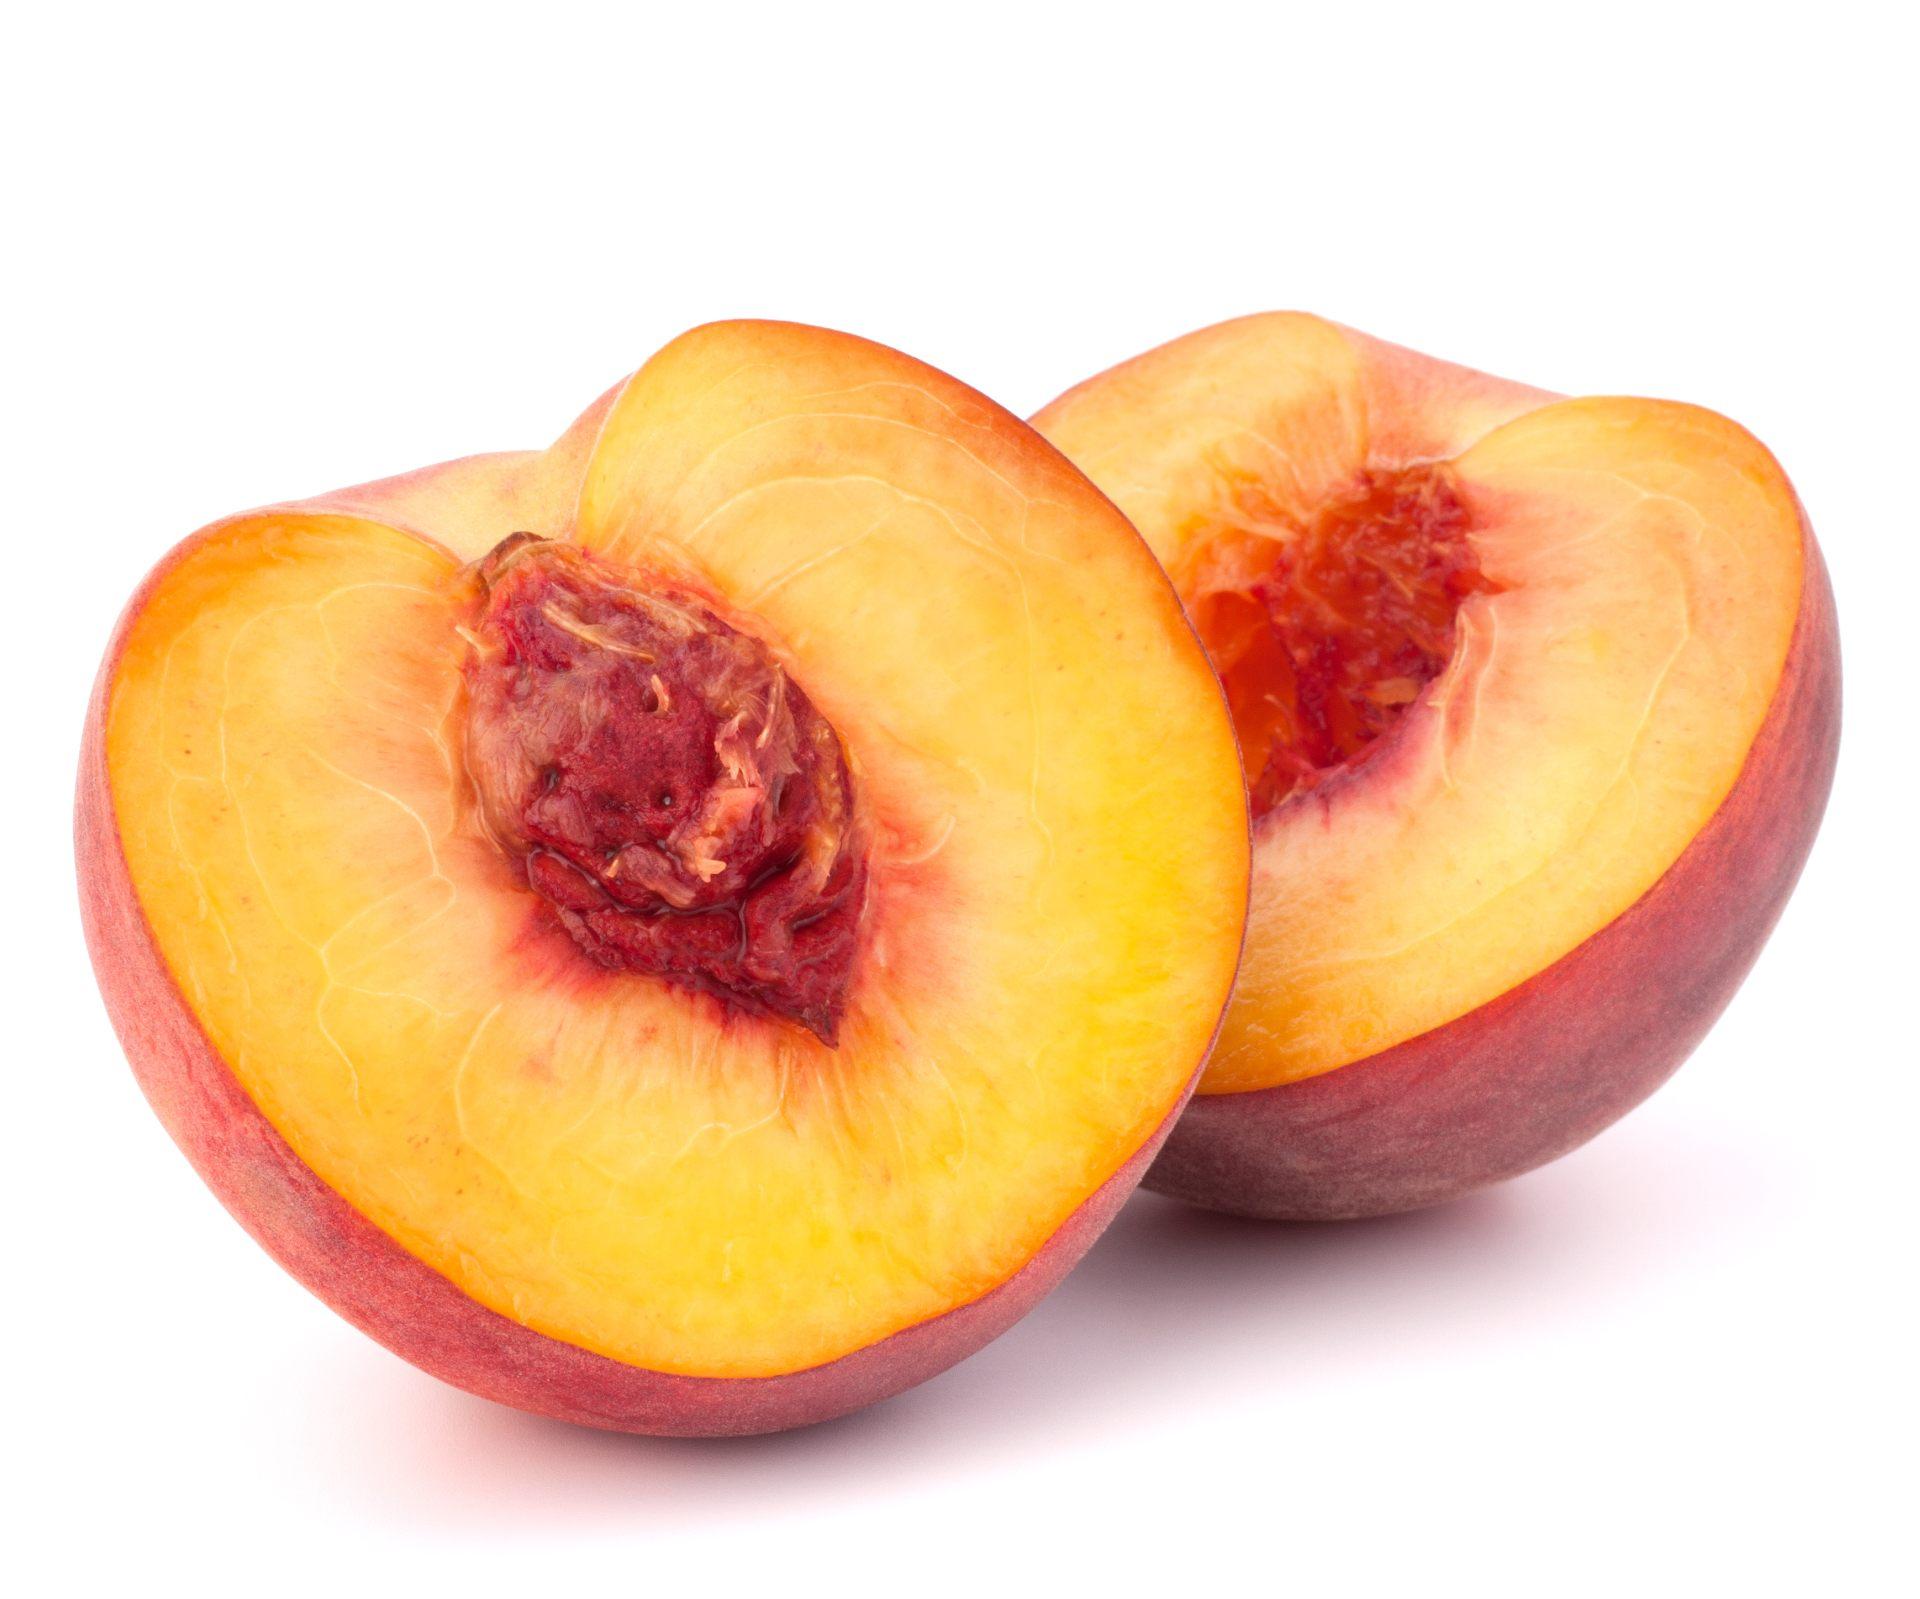 Pfirsich - Alles über den Pfirsich